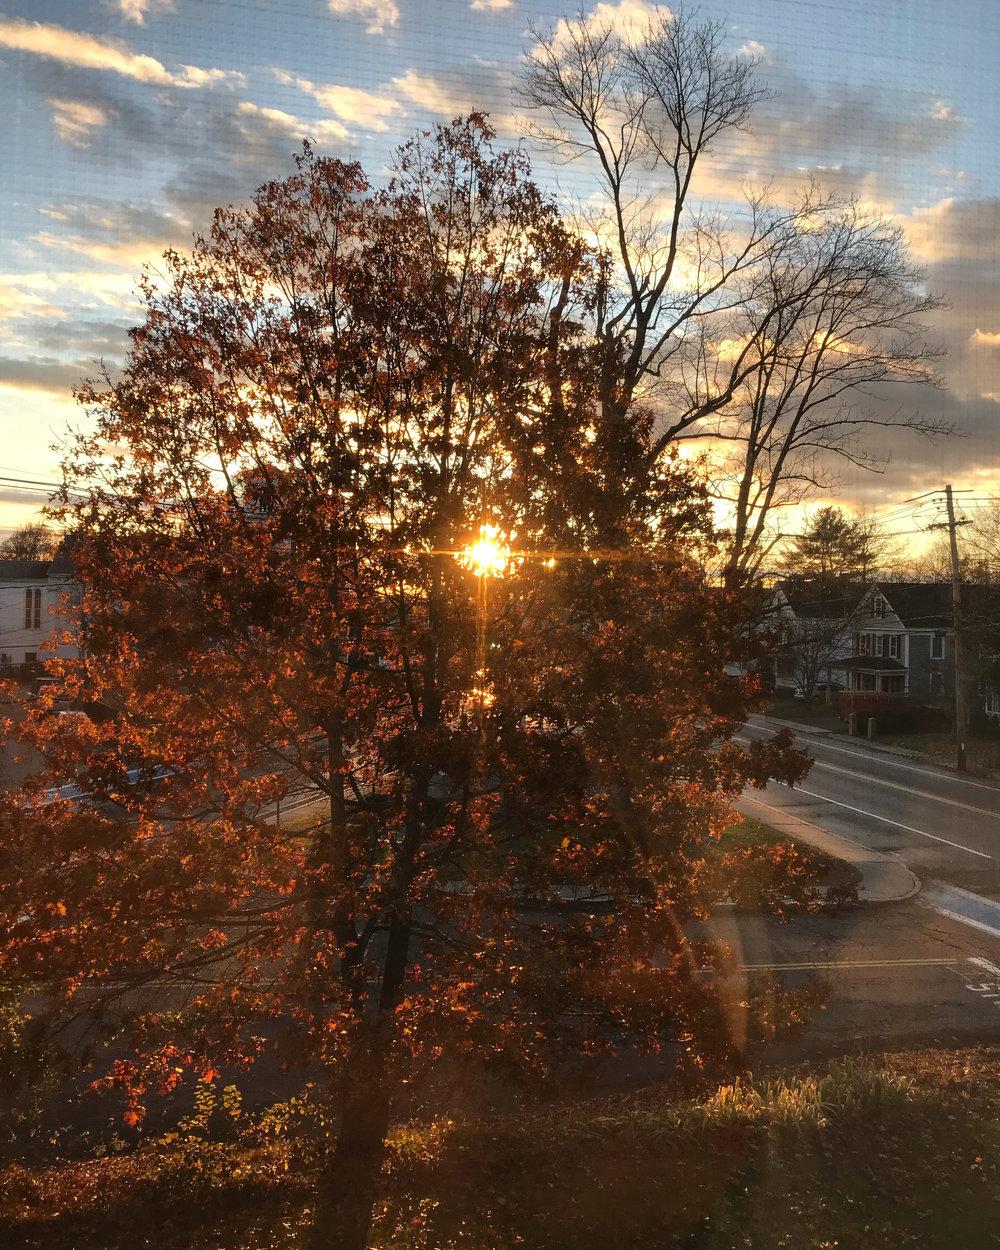 Sunrise (Medway, Massachusetts)